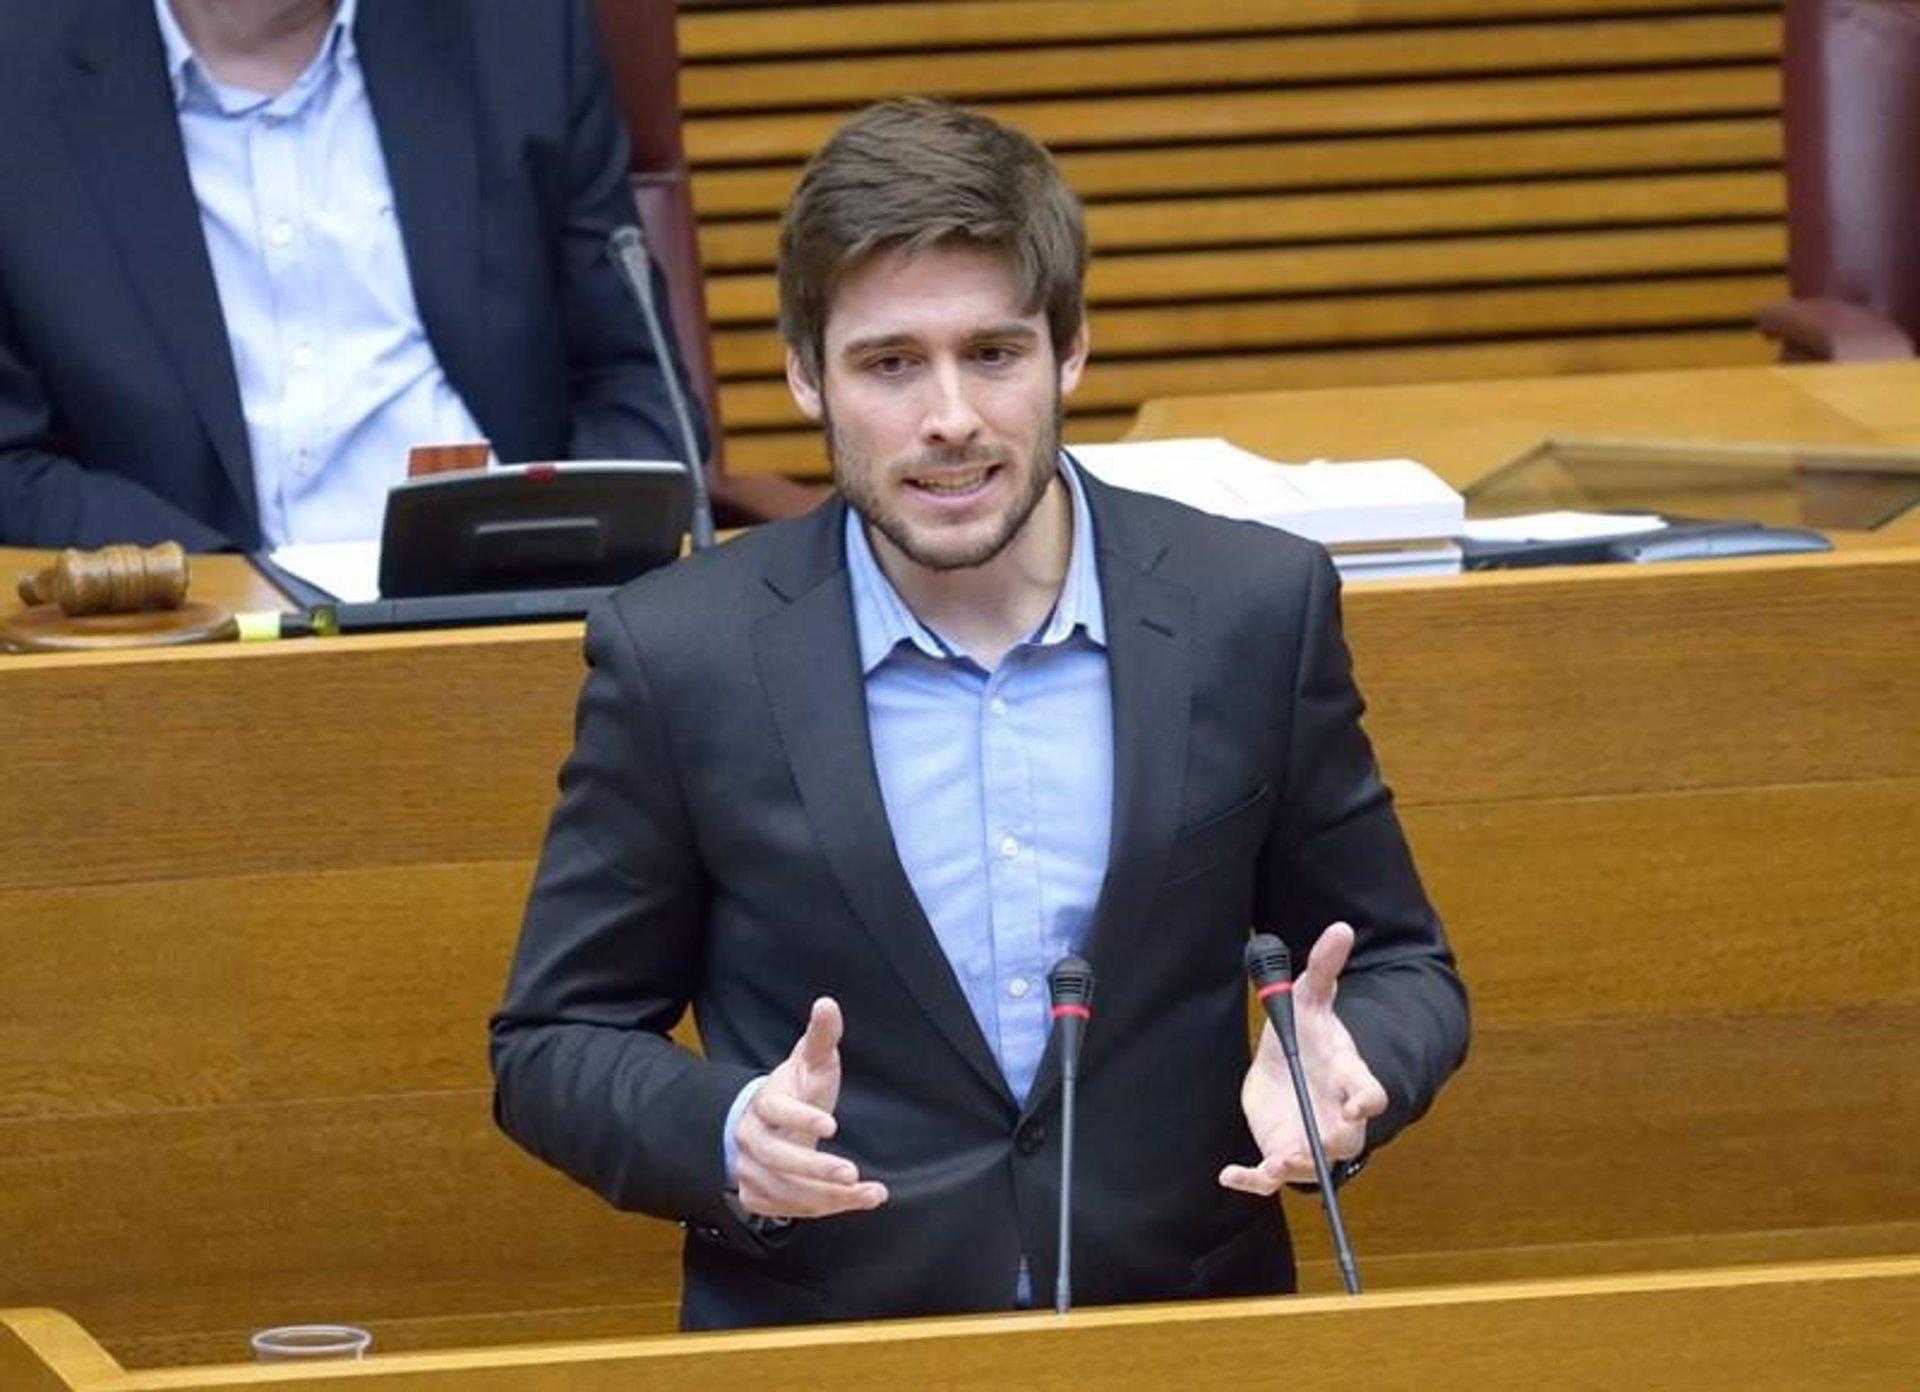 El portavoz de Empleo del PP en Les Corts Valencianes, Juan Carlos Caballero - CORTS VALENCIANES - Archivo